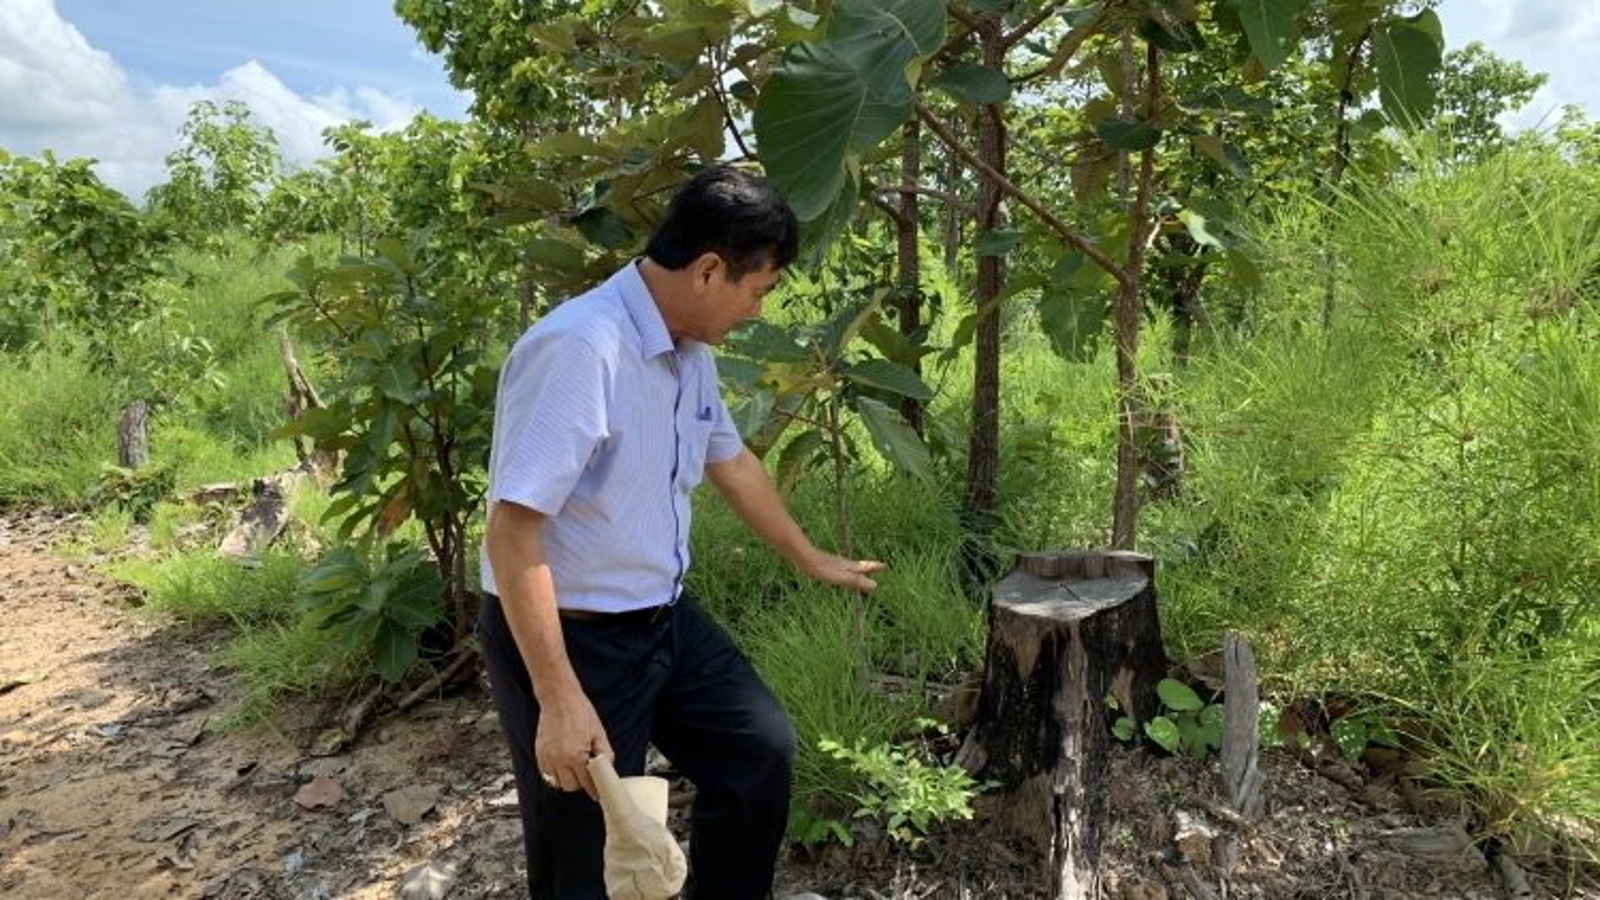 Thủ tướng chỉ đạo kiểm tra, xử lý vấn đề VOV nêu về phárừng ởTây Nguyên